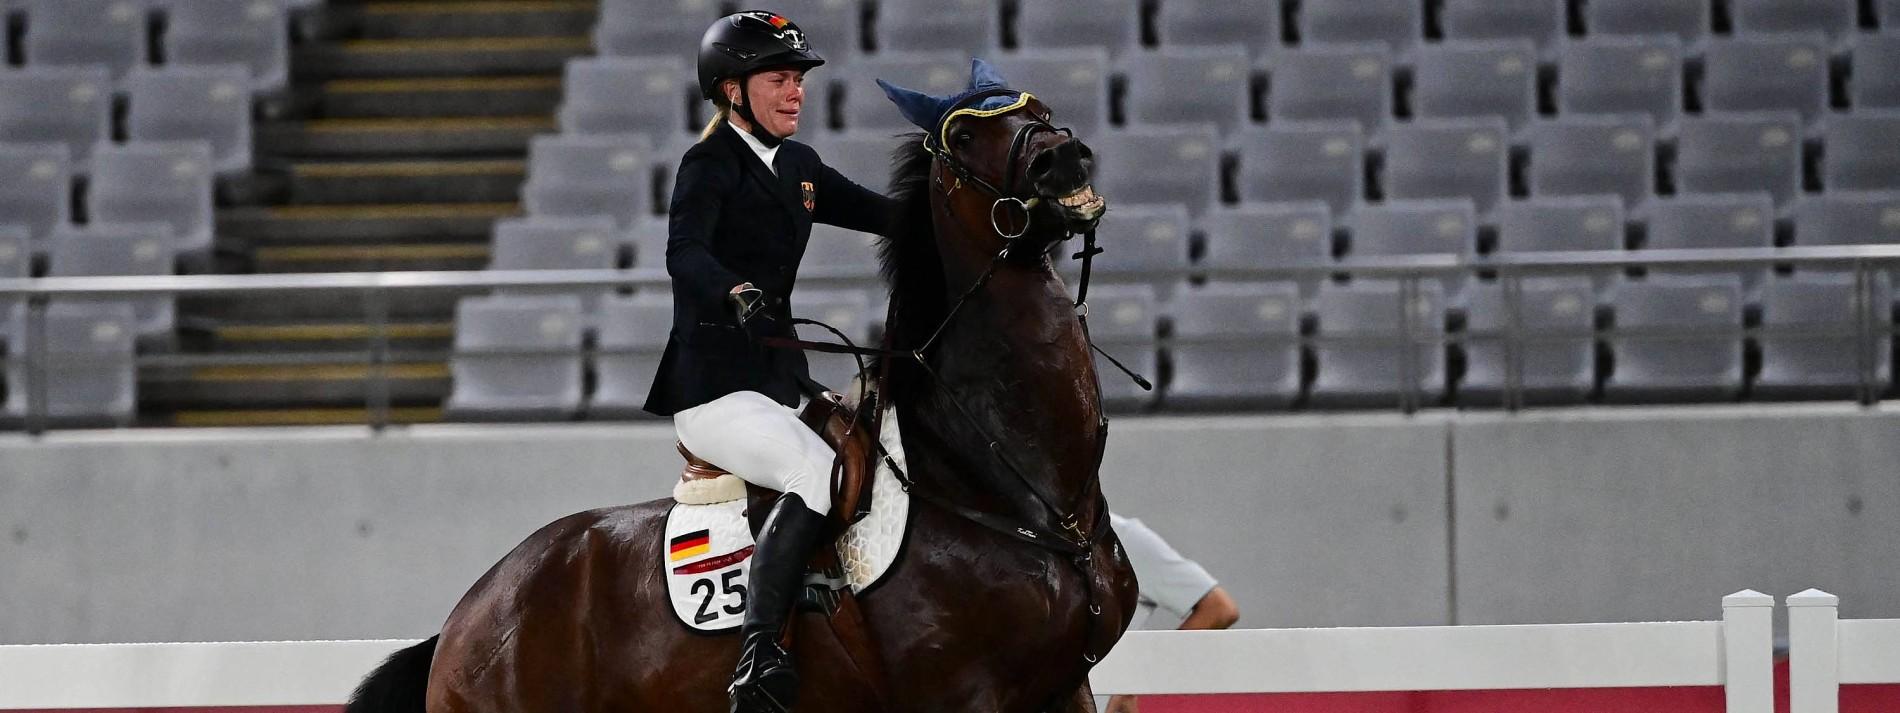 Strafanzeige gegen IOC und Reitverband